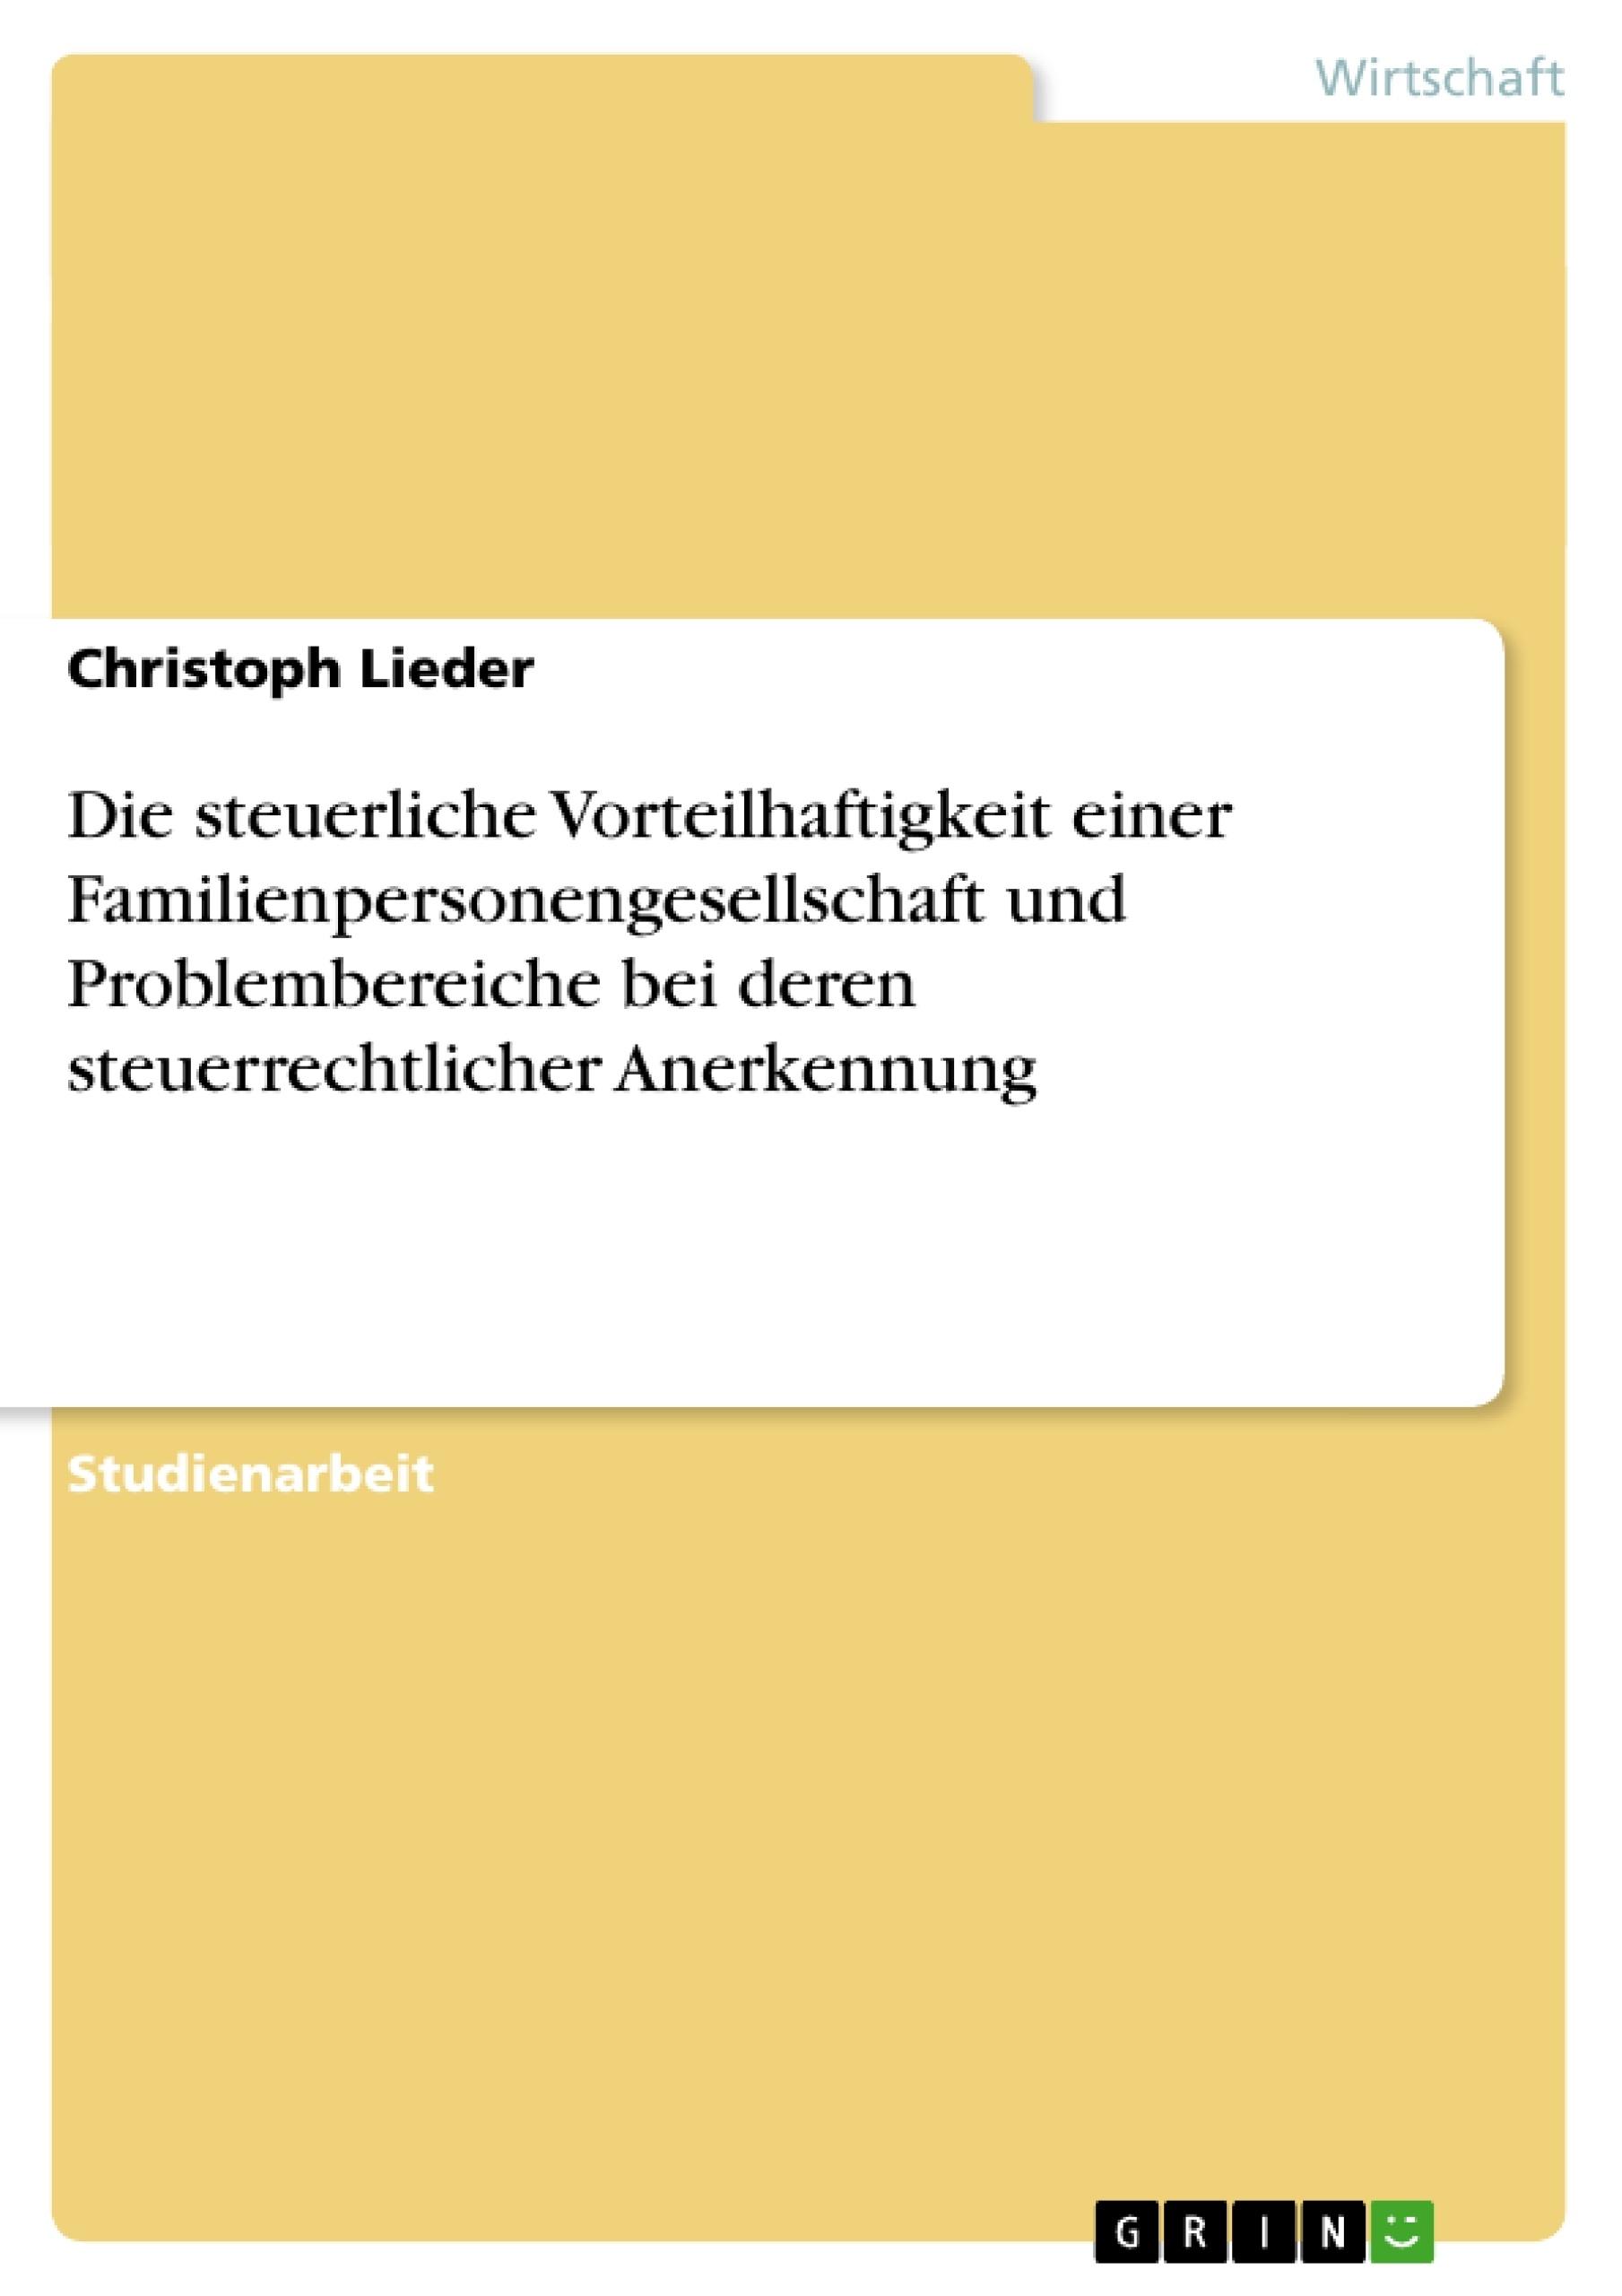 Titel: Die steuerliche Vorteilhaftigkeit einer Familienpersonengesellschaft und Problembereiche bei deren steuerrechtlicher Anerkennung